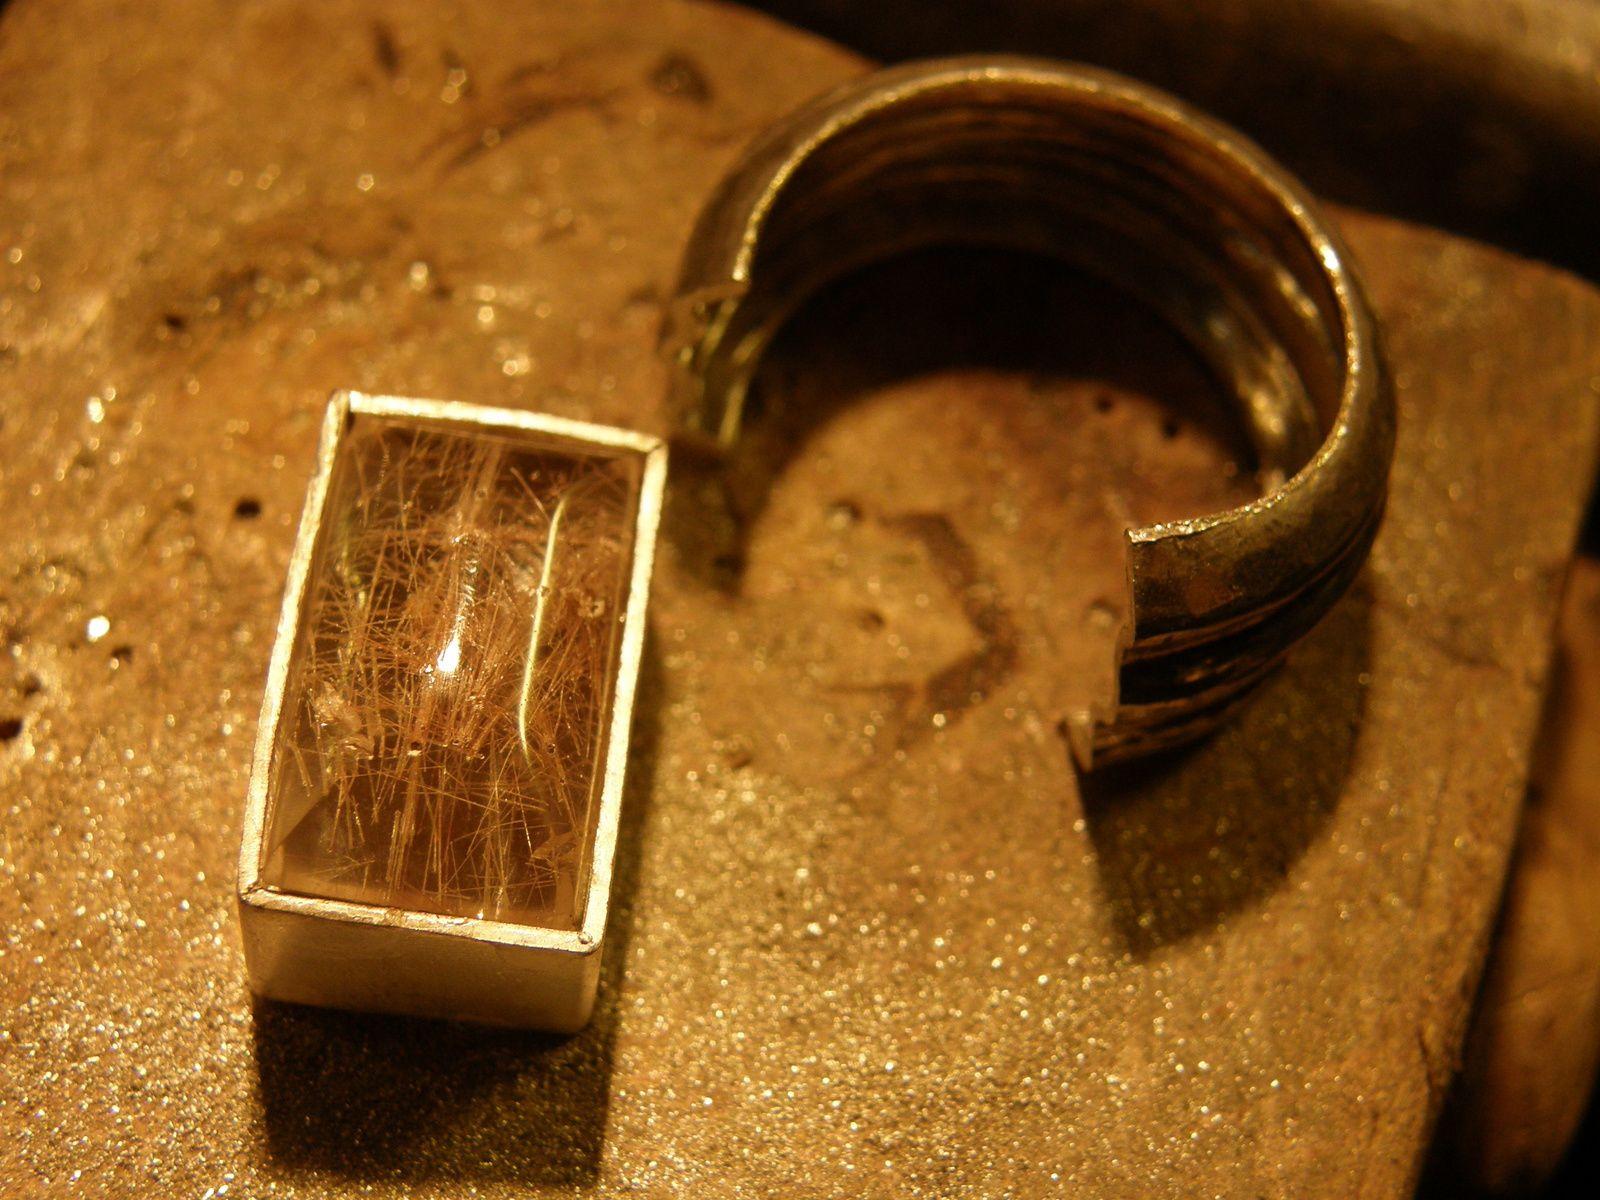 La pierre dasn son serti&#x3B; 2 images du bijou fini. Bague en quartz-rutiles et argent&#x3B; piece unique&#x3B; tout fait main.